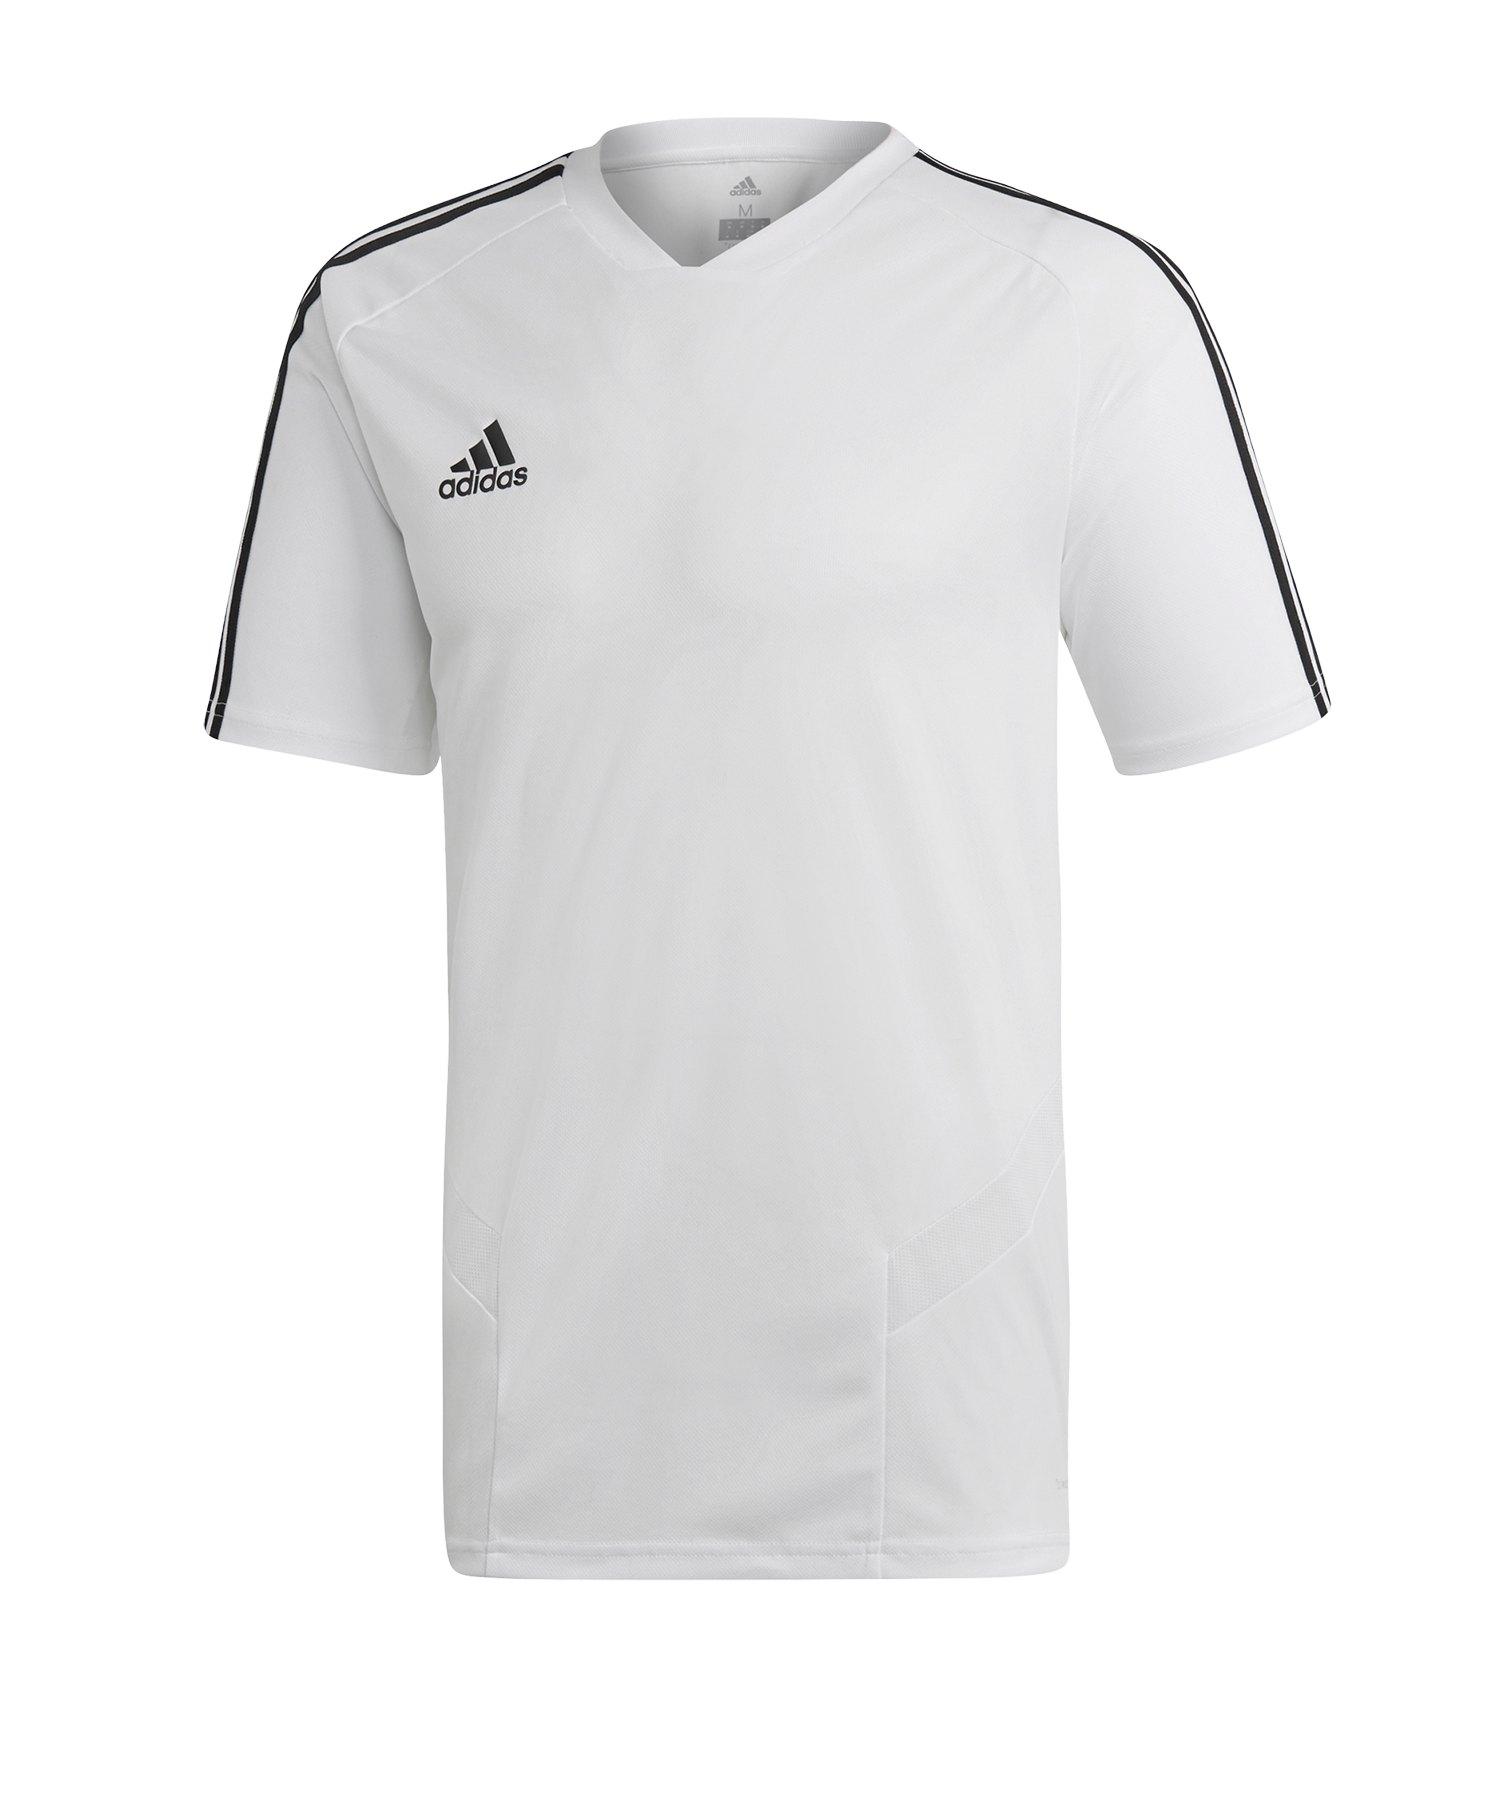 adidas Tiro 19 Trainingsshirt Weiss Schwarz - weiss